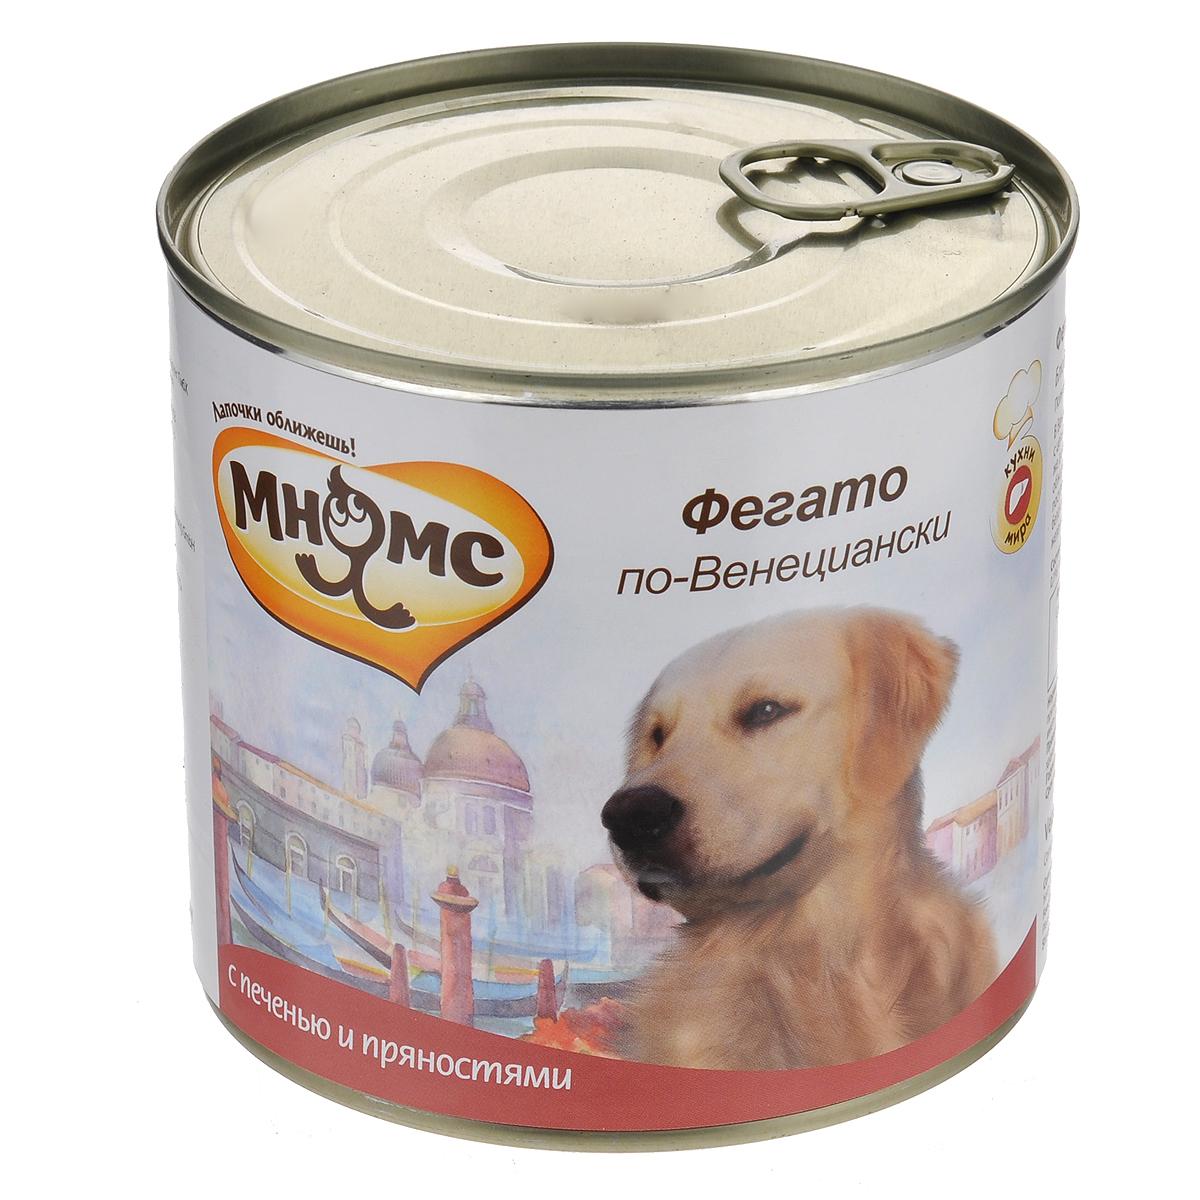 Консервы для собак Мнямс Фегато по-Венециански, с печенью и пряностями, 600 г57622Полнорационные корма Мнямс, производимые в Германии, содержат все необходимое для здоровой и счастливой жизни вашего питомца. Входящие в состав ингредиенты абсолютно натуральны, сбалансированы и при этом обладают высокой вкусовой привлекательностью. В Венецию современный способ приготовления печени пришёл из Древнего Рима. Только римляне, с целью сделать печень более мягкой и придать ей сладковатый вкус, использовали инжир.Венецианцам же инжир обходился слишком дорого, поэтому они придумали добавлять для этой цели белый лук.Фегато готовят очень просто: отдельно обжаренный в оливковом масле лук и слегка тронутую огнём телячью печень соединяют в одной посуде и тушат буквально несколько минут с добавлением шалфея, бальзамика, лаврового листа и белого вина.Нежная сладкая телячья печень, благоухающая ароматом трав, делает это простое блюдо желанным на любом столе. При кормлении необходимо учитывать возраст и активность животного. Собака всегда должна иметь доступ к свежей питьевой воде.Состав: мясо (70%), из них телятина (50%), говядина (13%), телячья печень (7%); минералы, масла и жиры (льняное масло 0,1%), прованские травы (0,2%).Пищевая ценность: витамин Е (30 мг), витамин D3 (200 МЕ), цинк (15 мг), марганец (3 мг), йод (0,75 мг), селен (0,03 мг).Анализ: белок 10,8%, жир 6,5%, клетчатка 0,4%, зола 2,4%, влажность 79%.Вес: 600 г. Товар сертифицирован.